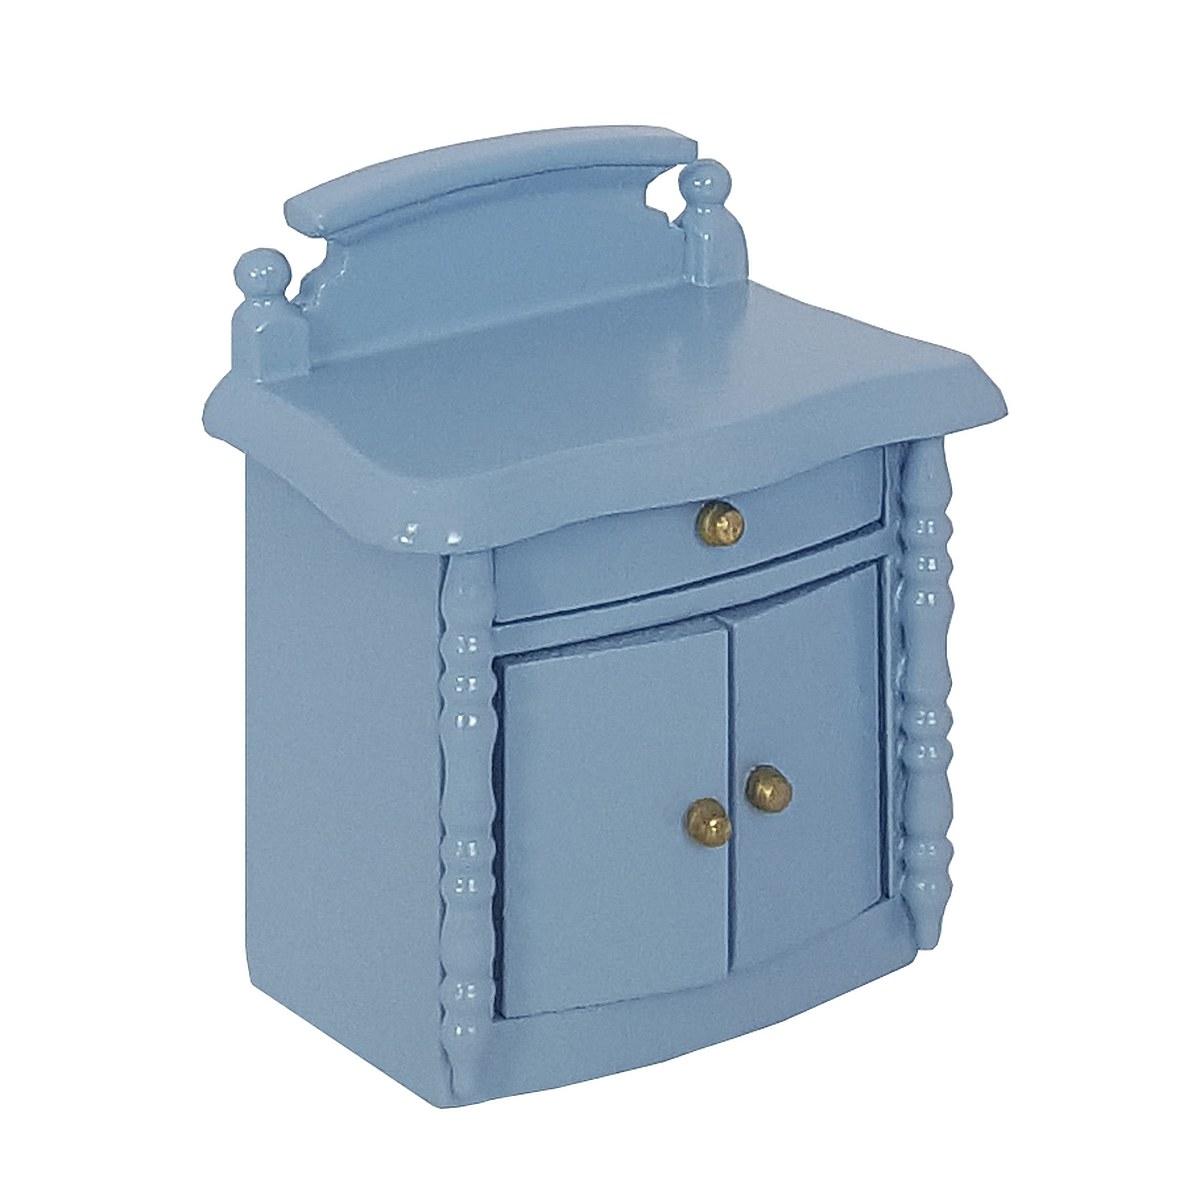 Bedside cabinet, blue 完成品・ベッドサイドテーブル、ブルー